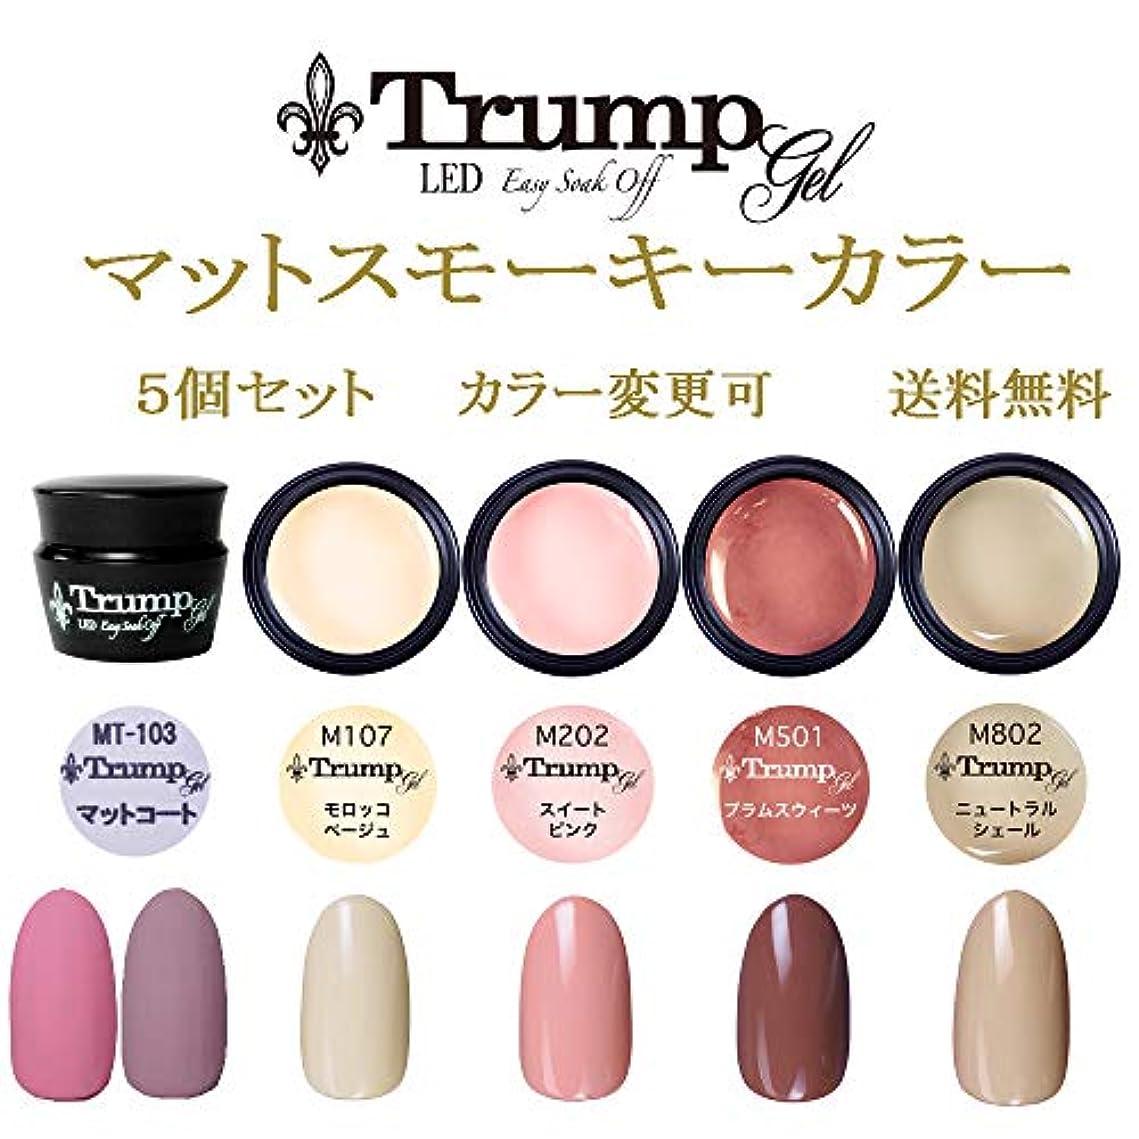 博物館顎幻影【送料無料】日本製 Trump gel トランプジェル マットスモーキー カラージェル 5個セット 魅惑のフロストマットトップとマットに合う人気カラーをチョイス